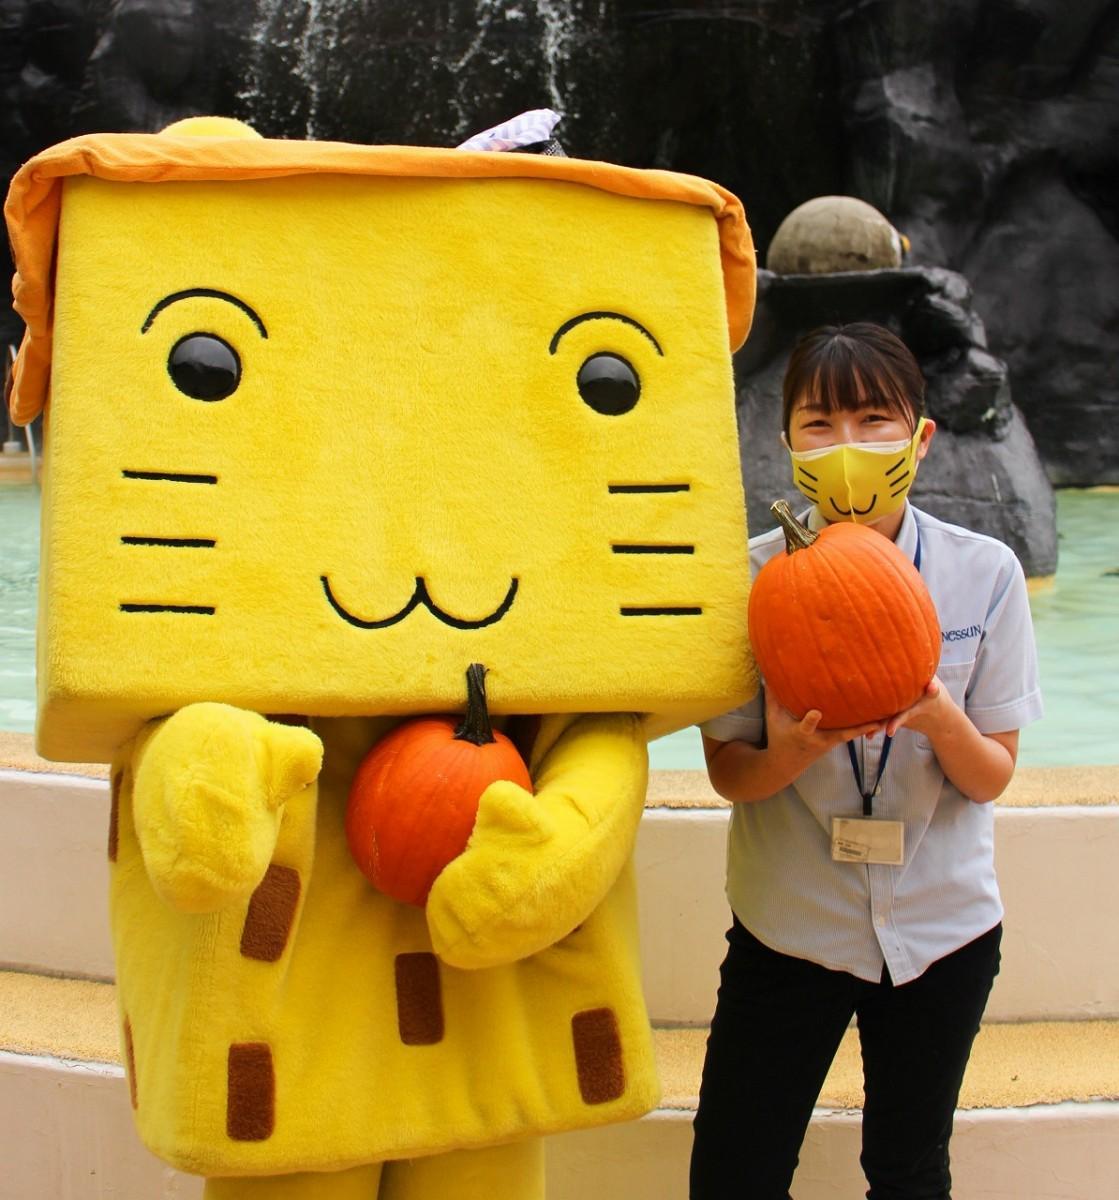 マスコットキャラクターの「ボザッピィ」と広報企画担当の高橋友恵さん